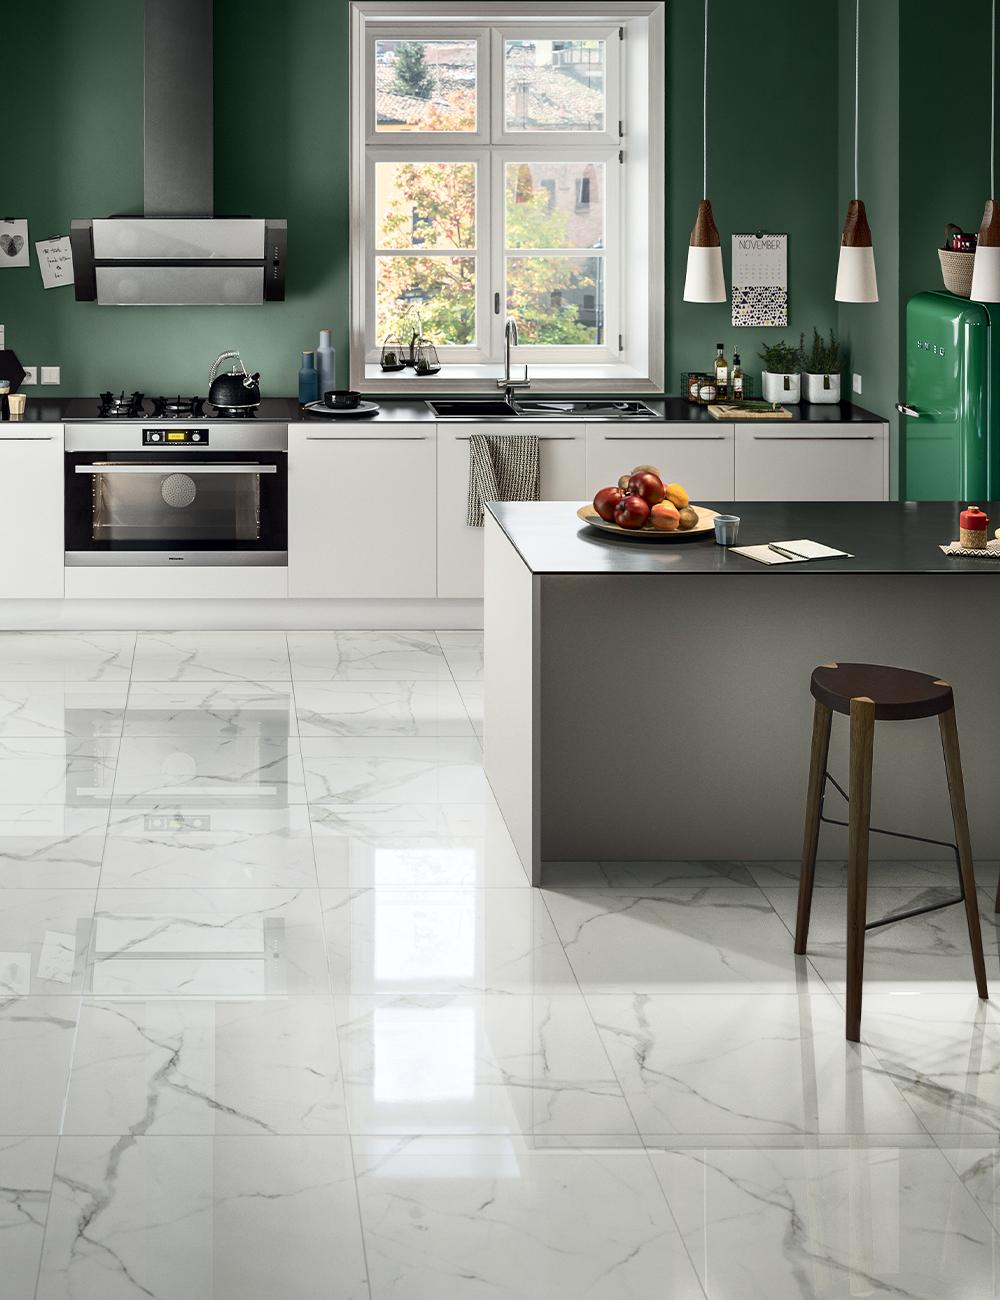 Gres Porcellanato Effetto Marmo Luxor White Full Lappato 60x60 Rettificato Arredo Interni Cucina Pavimento Cucina Piastrelle Cucina